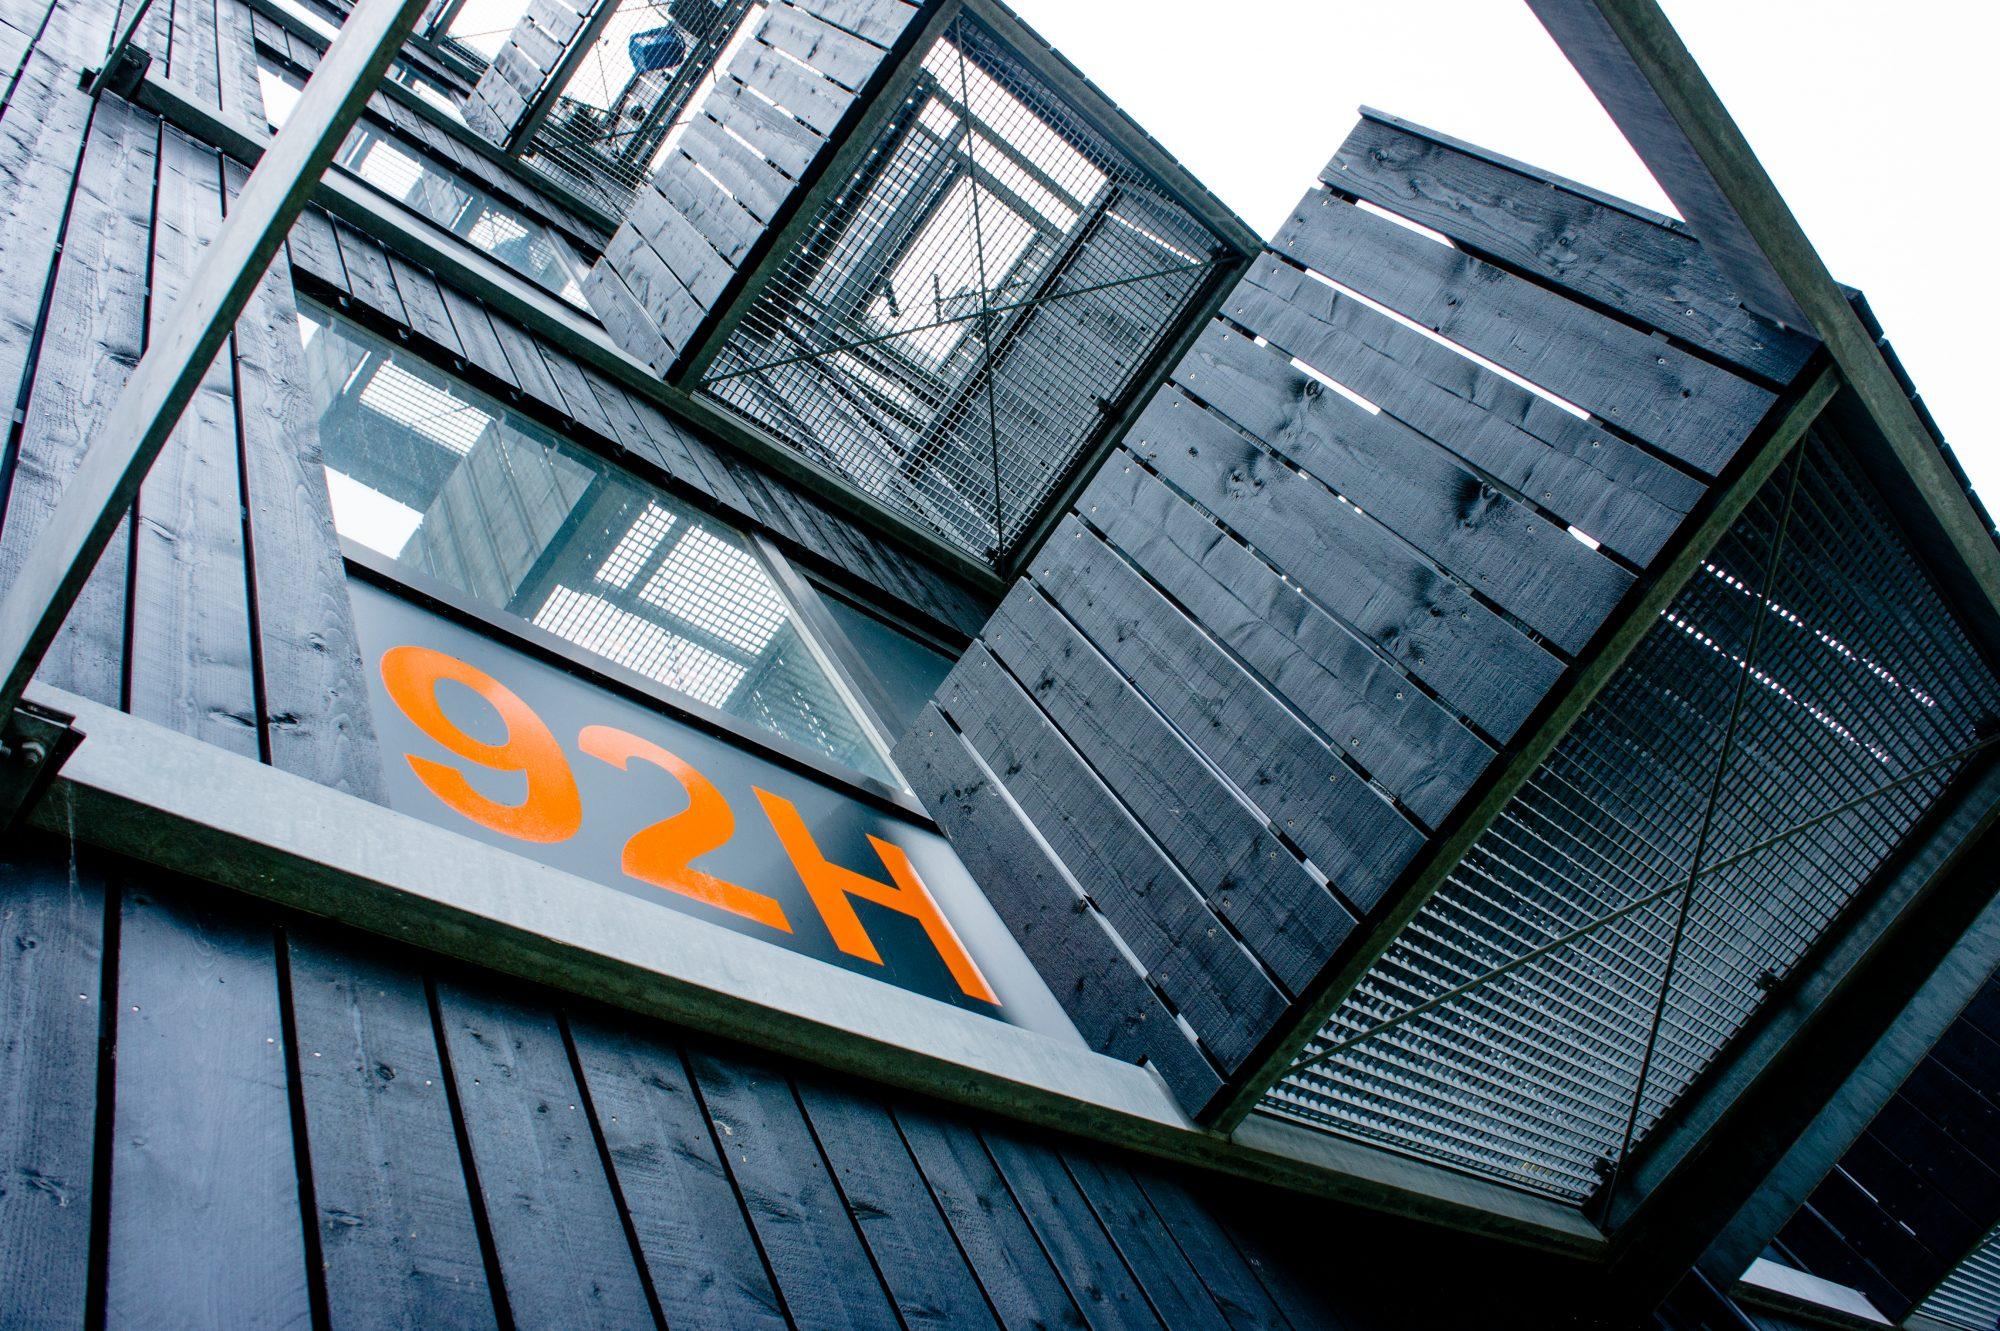 Studentenhuisvesting_Zeeburg4